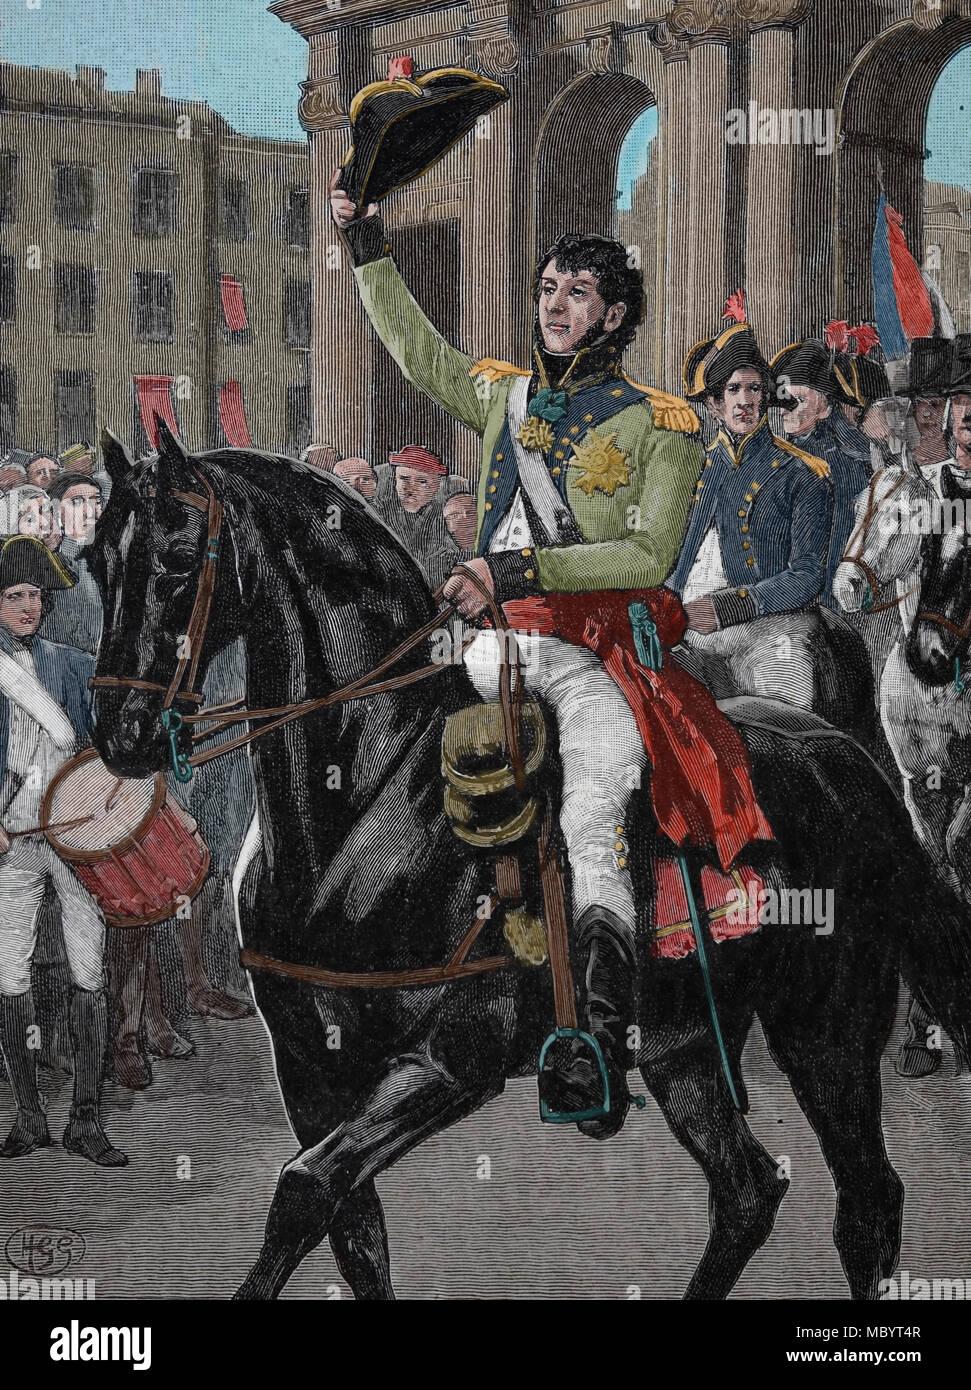 Guerra Peninsular (1807-1814). Las guerras napoleónicas. General Murat (1767-1815) entrada a Madrid, 23 de marzo de 1808. Foto de stock